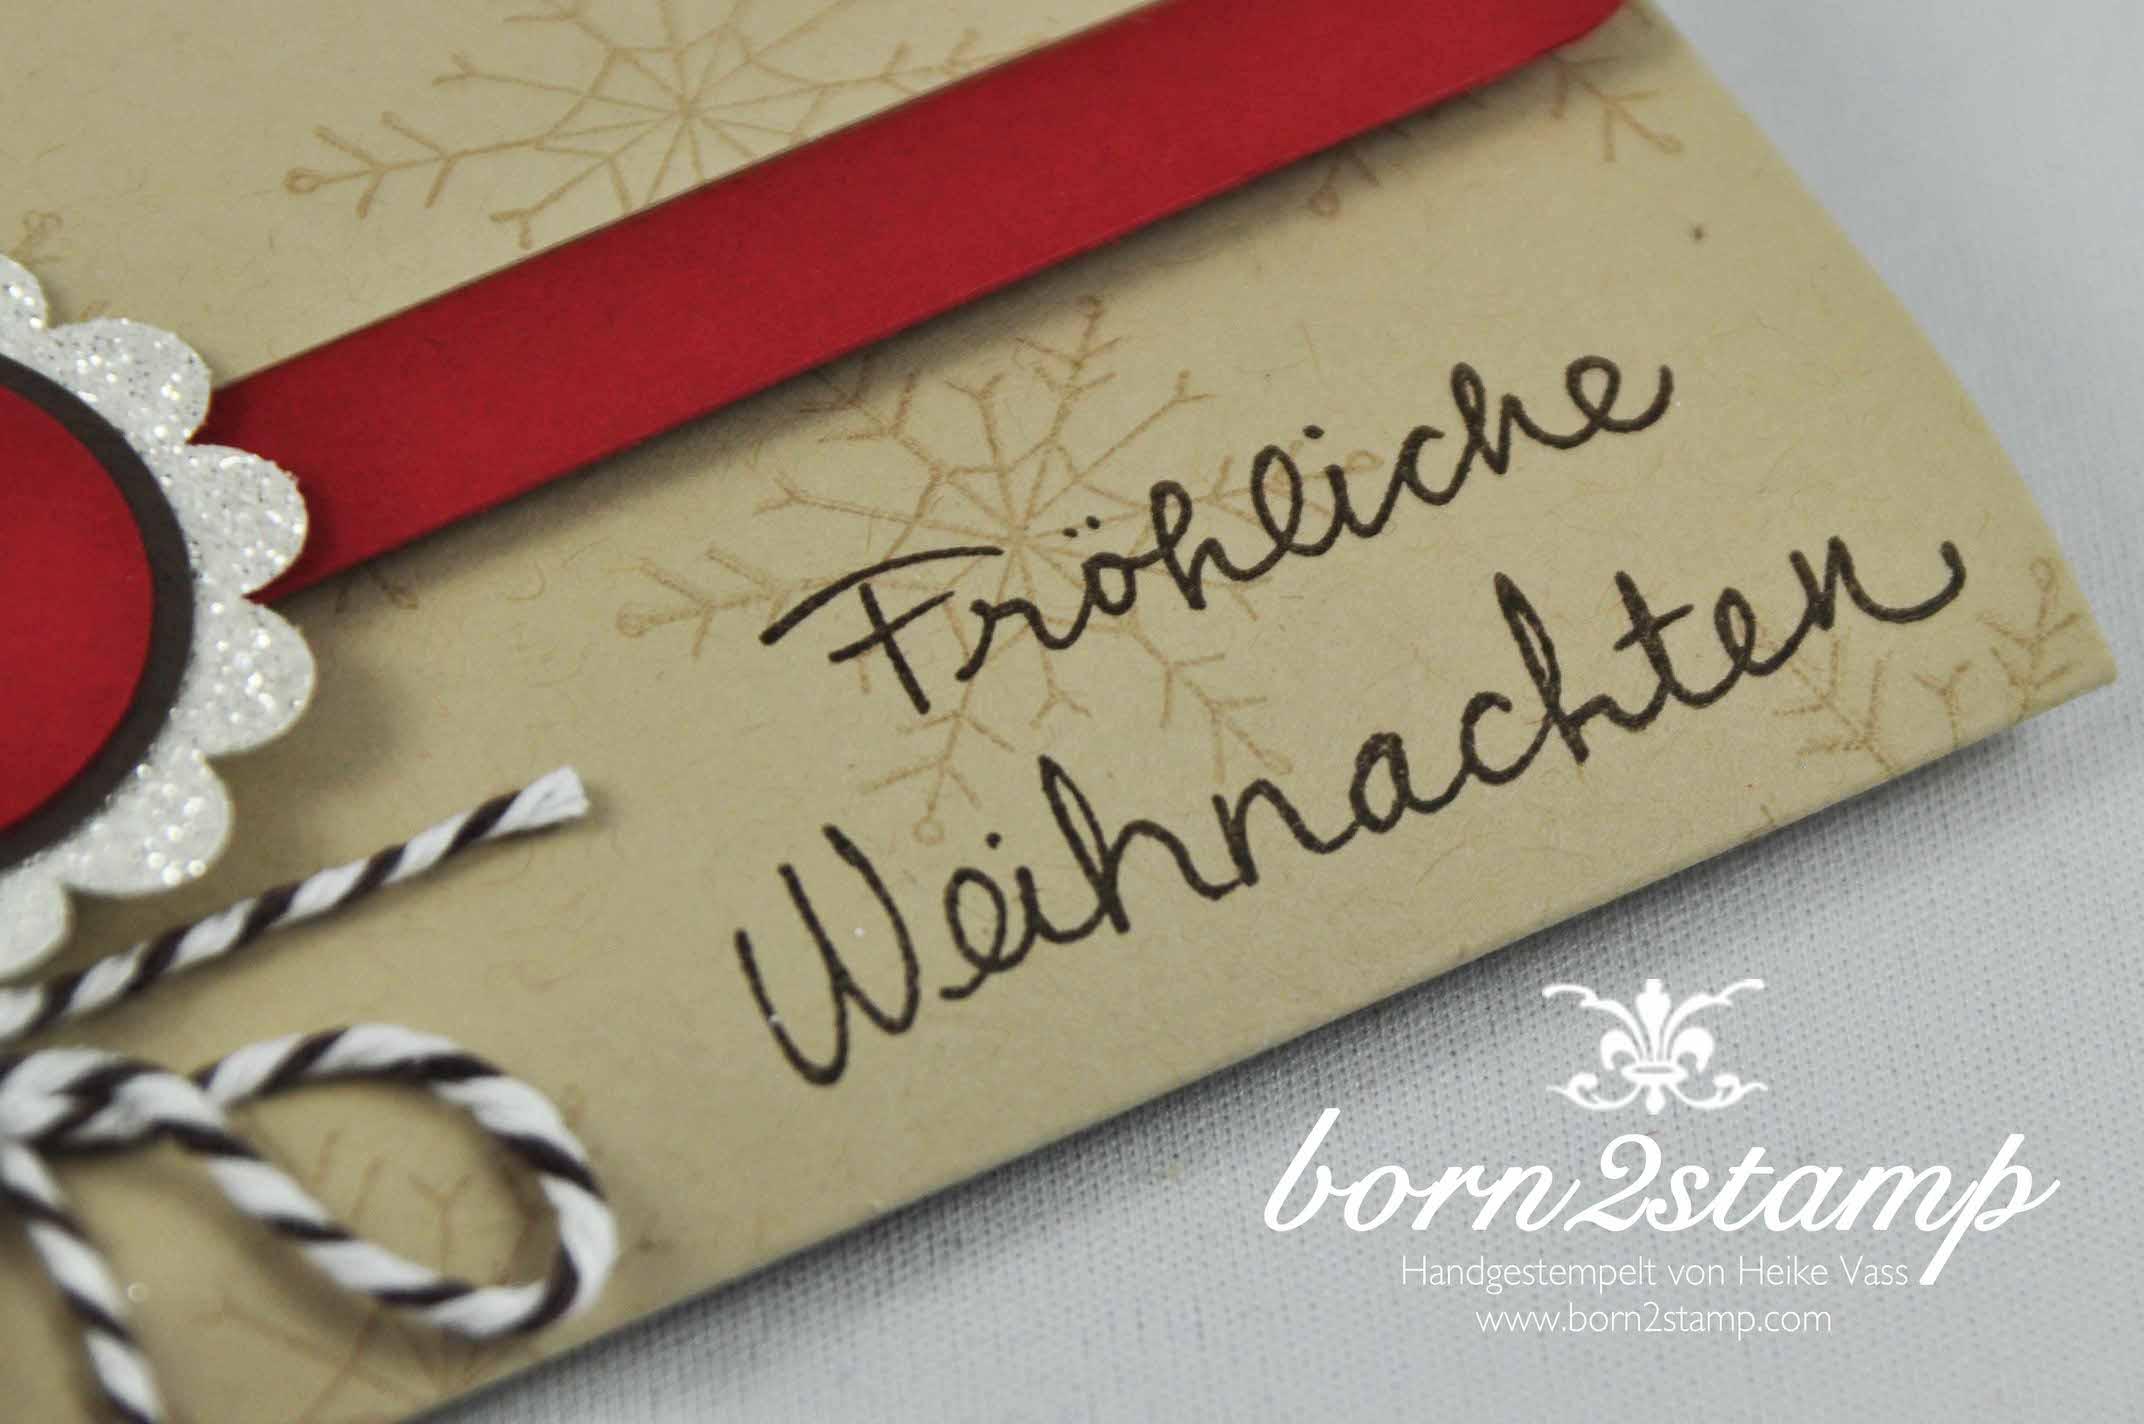 STAMPIN' UP! born2stamp Adventskalender to go Wuensche zum Fest Itty bitty Akzente Kreisstanze Kordel